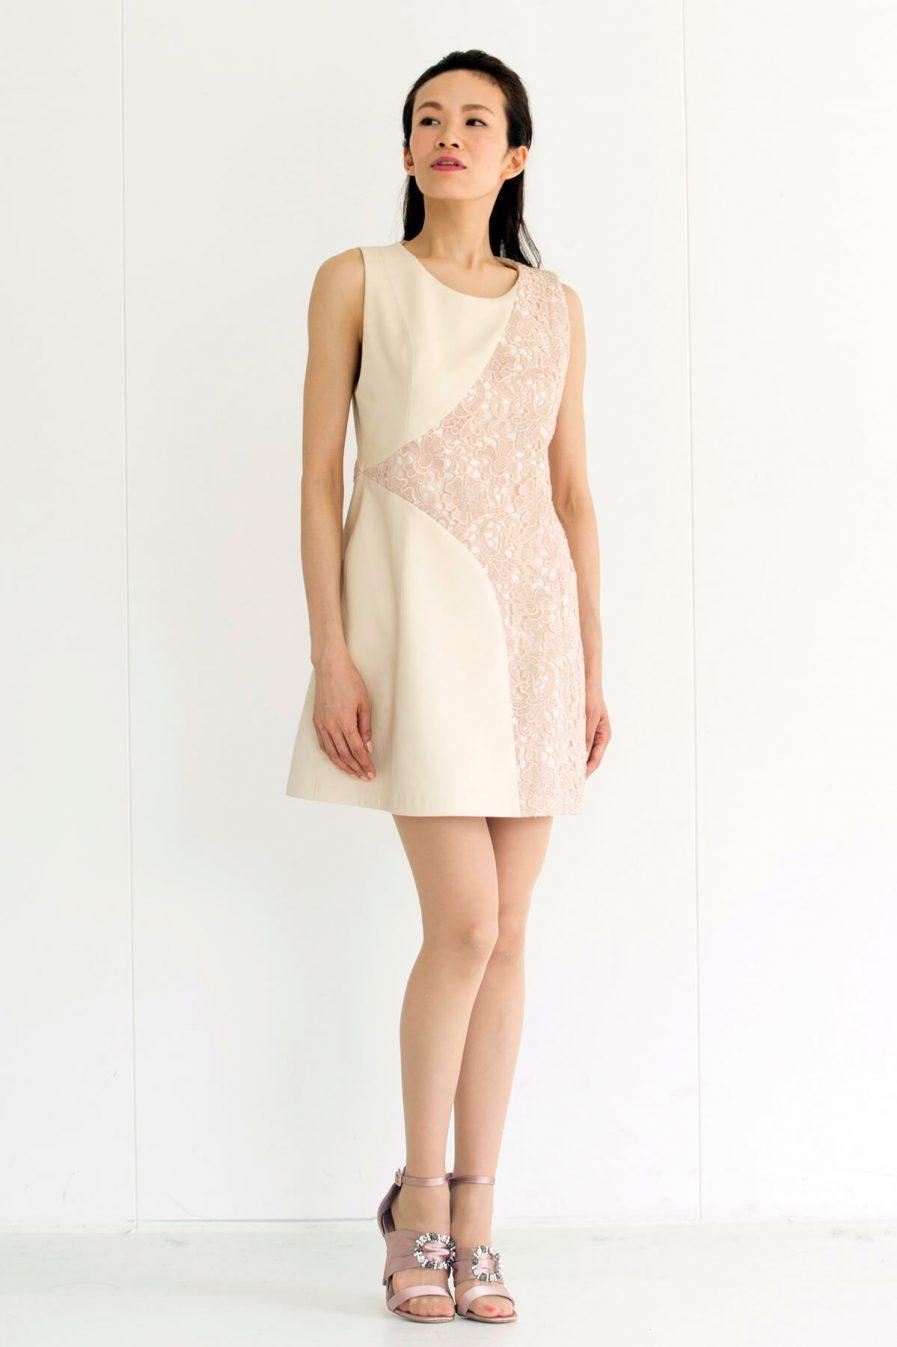 [:en]Spanish Lambskin & Cotton Lace Dress[:ja]スパニッシュラム・コットンレース・ワンピース[:]